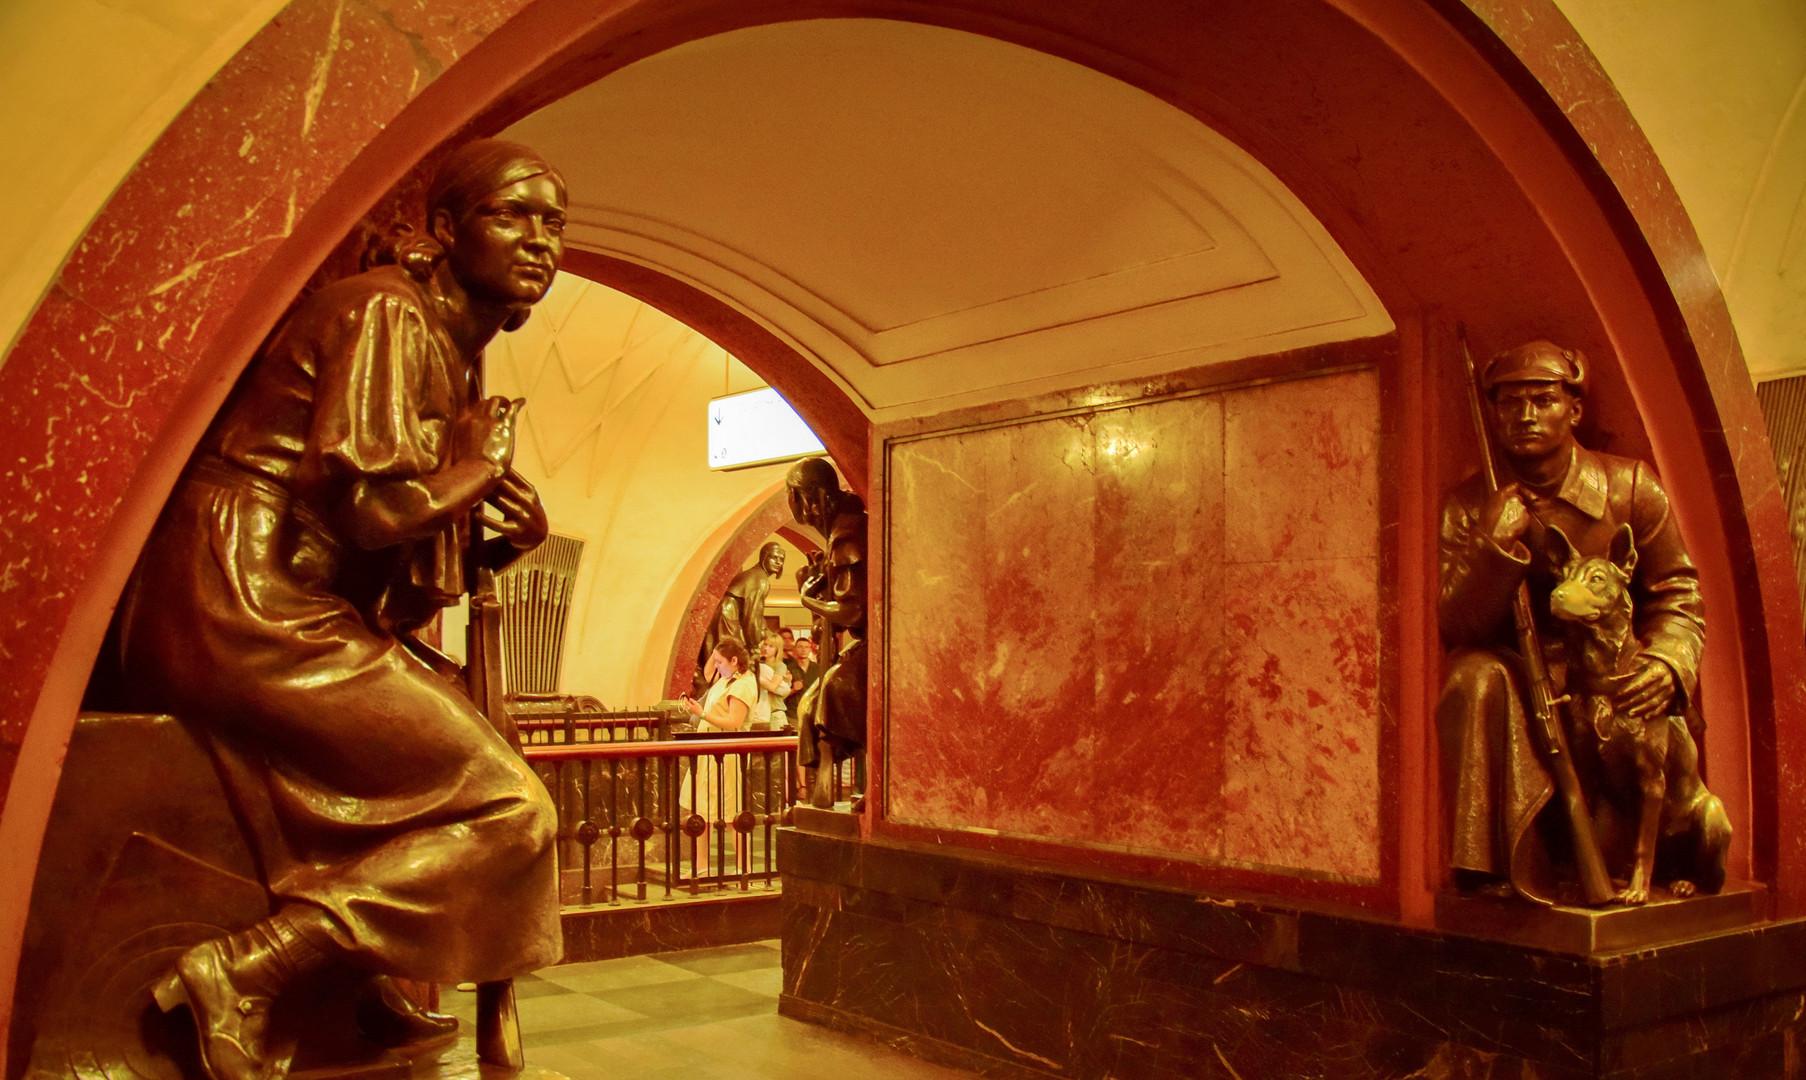 Московское метро (ст. Площадь революции)